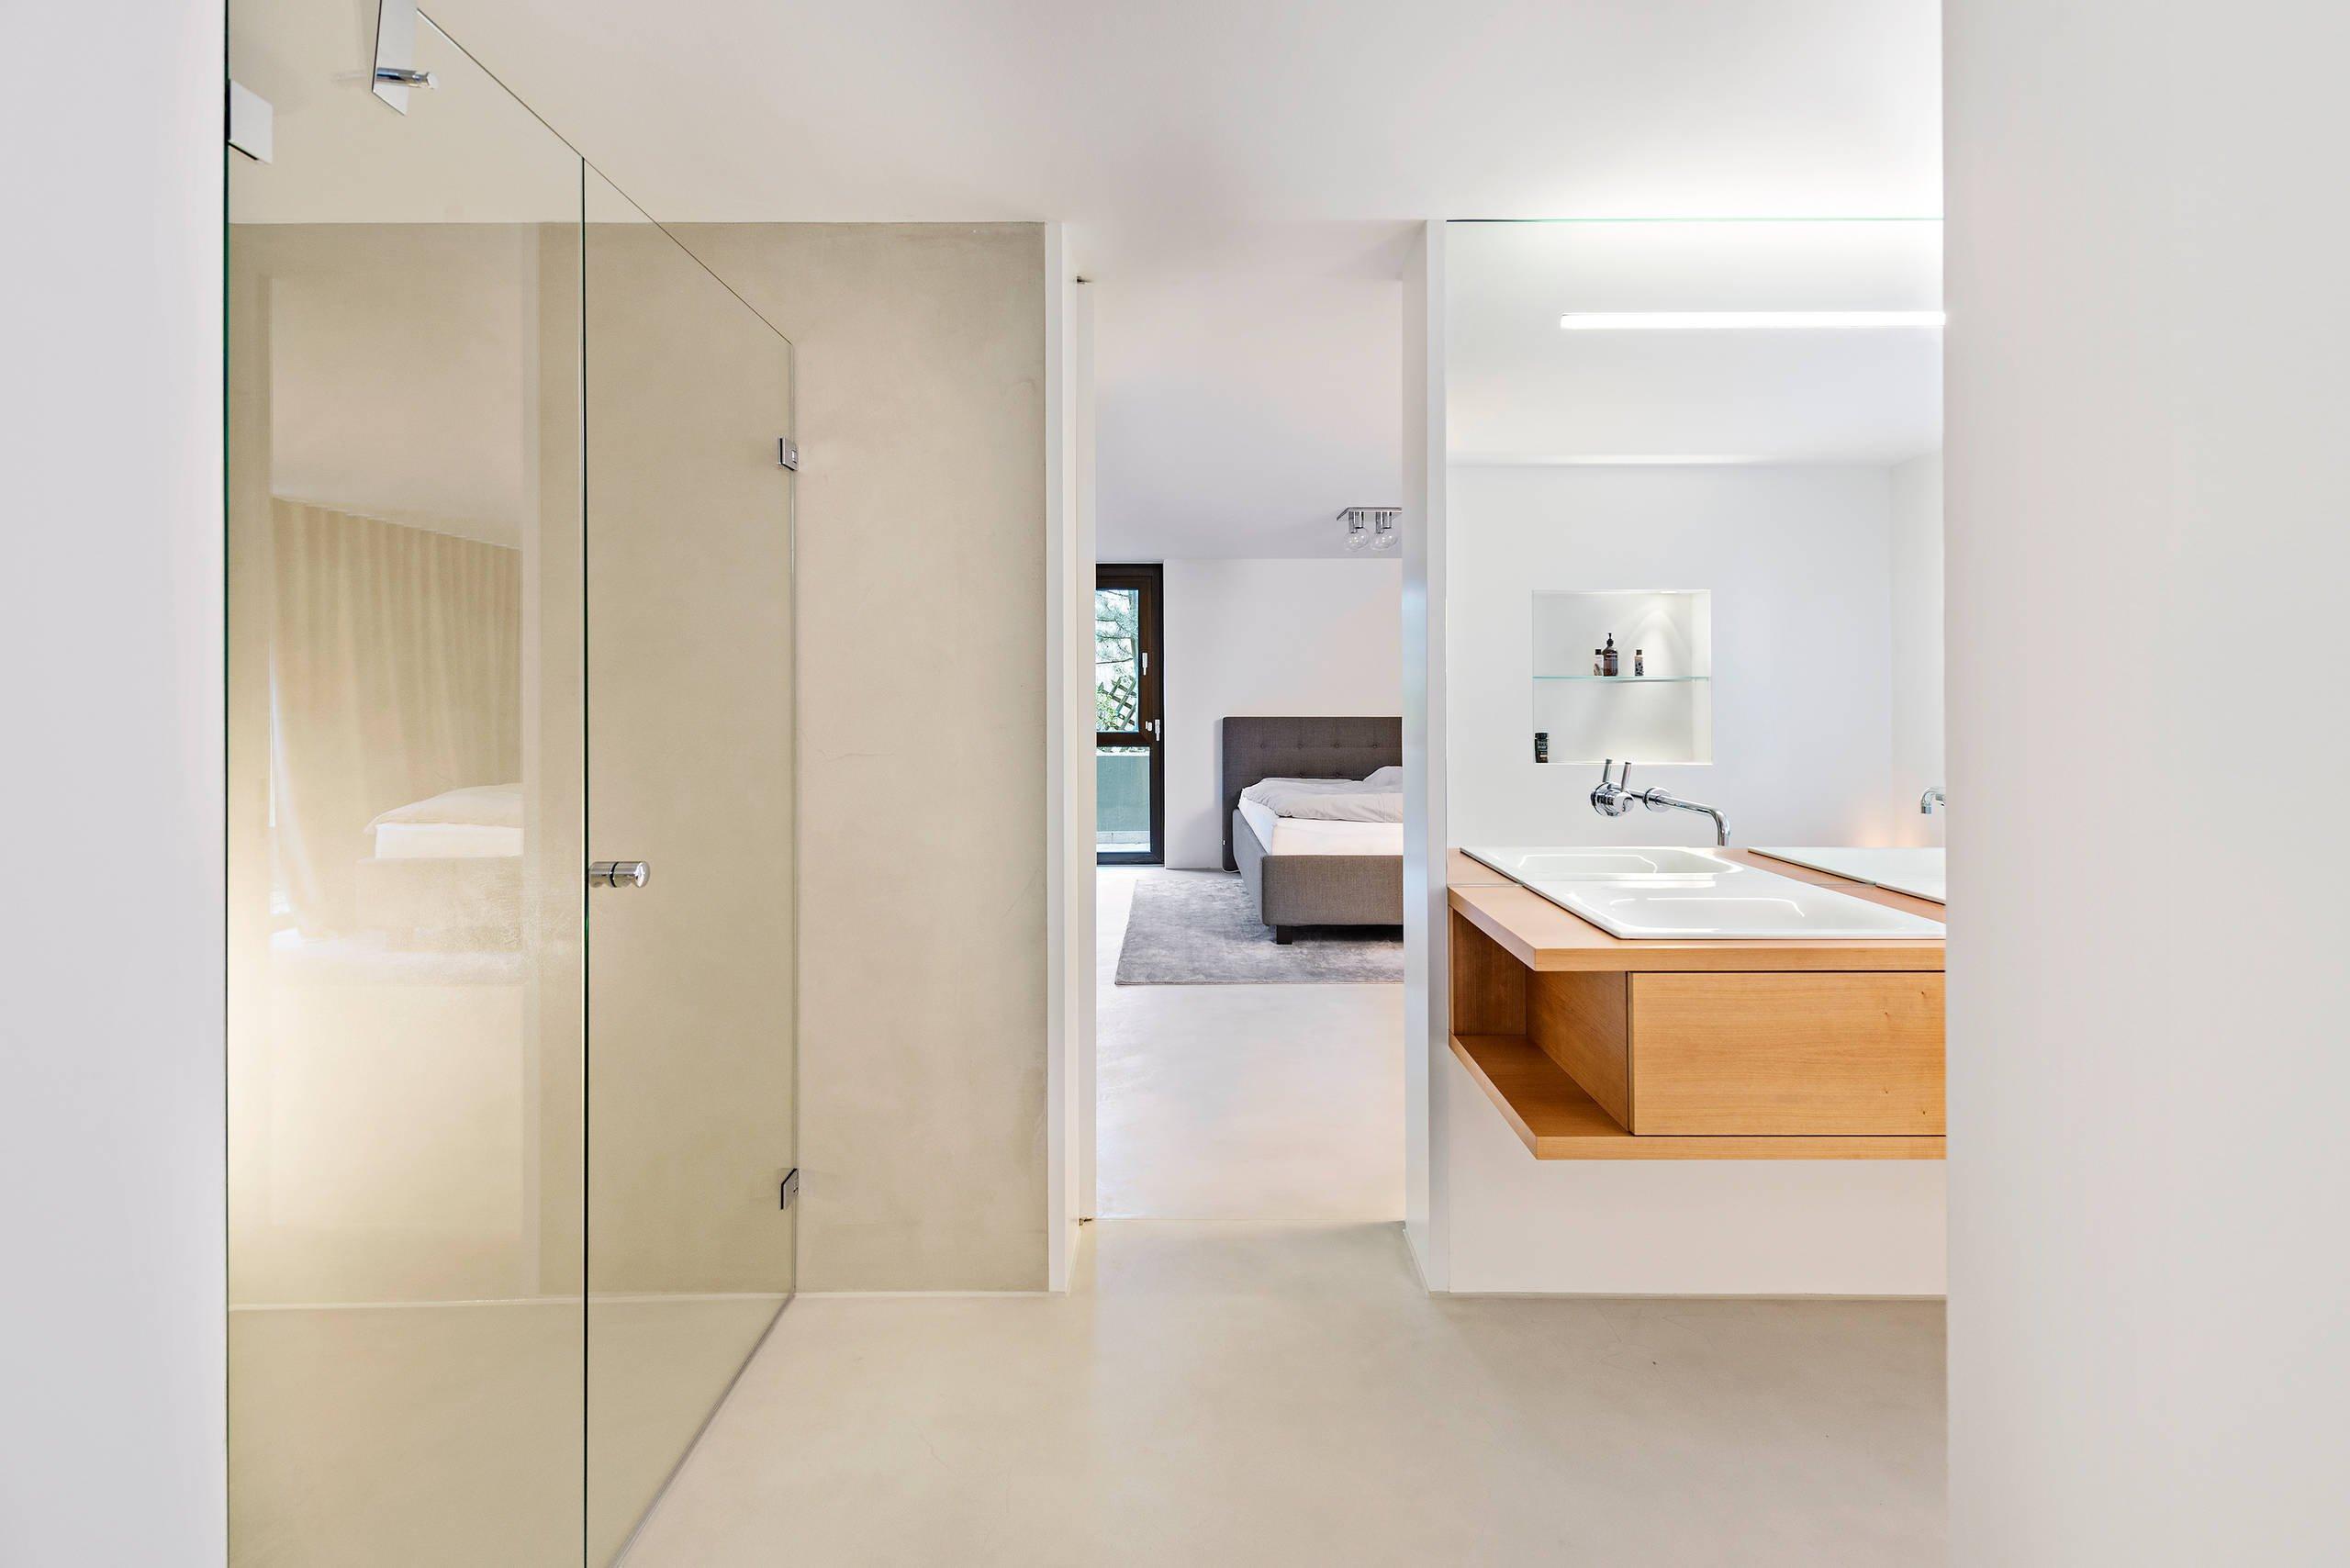 Ein Bad ohne Fliesen sieht schöner als ein Wandfliesen Bad aus